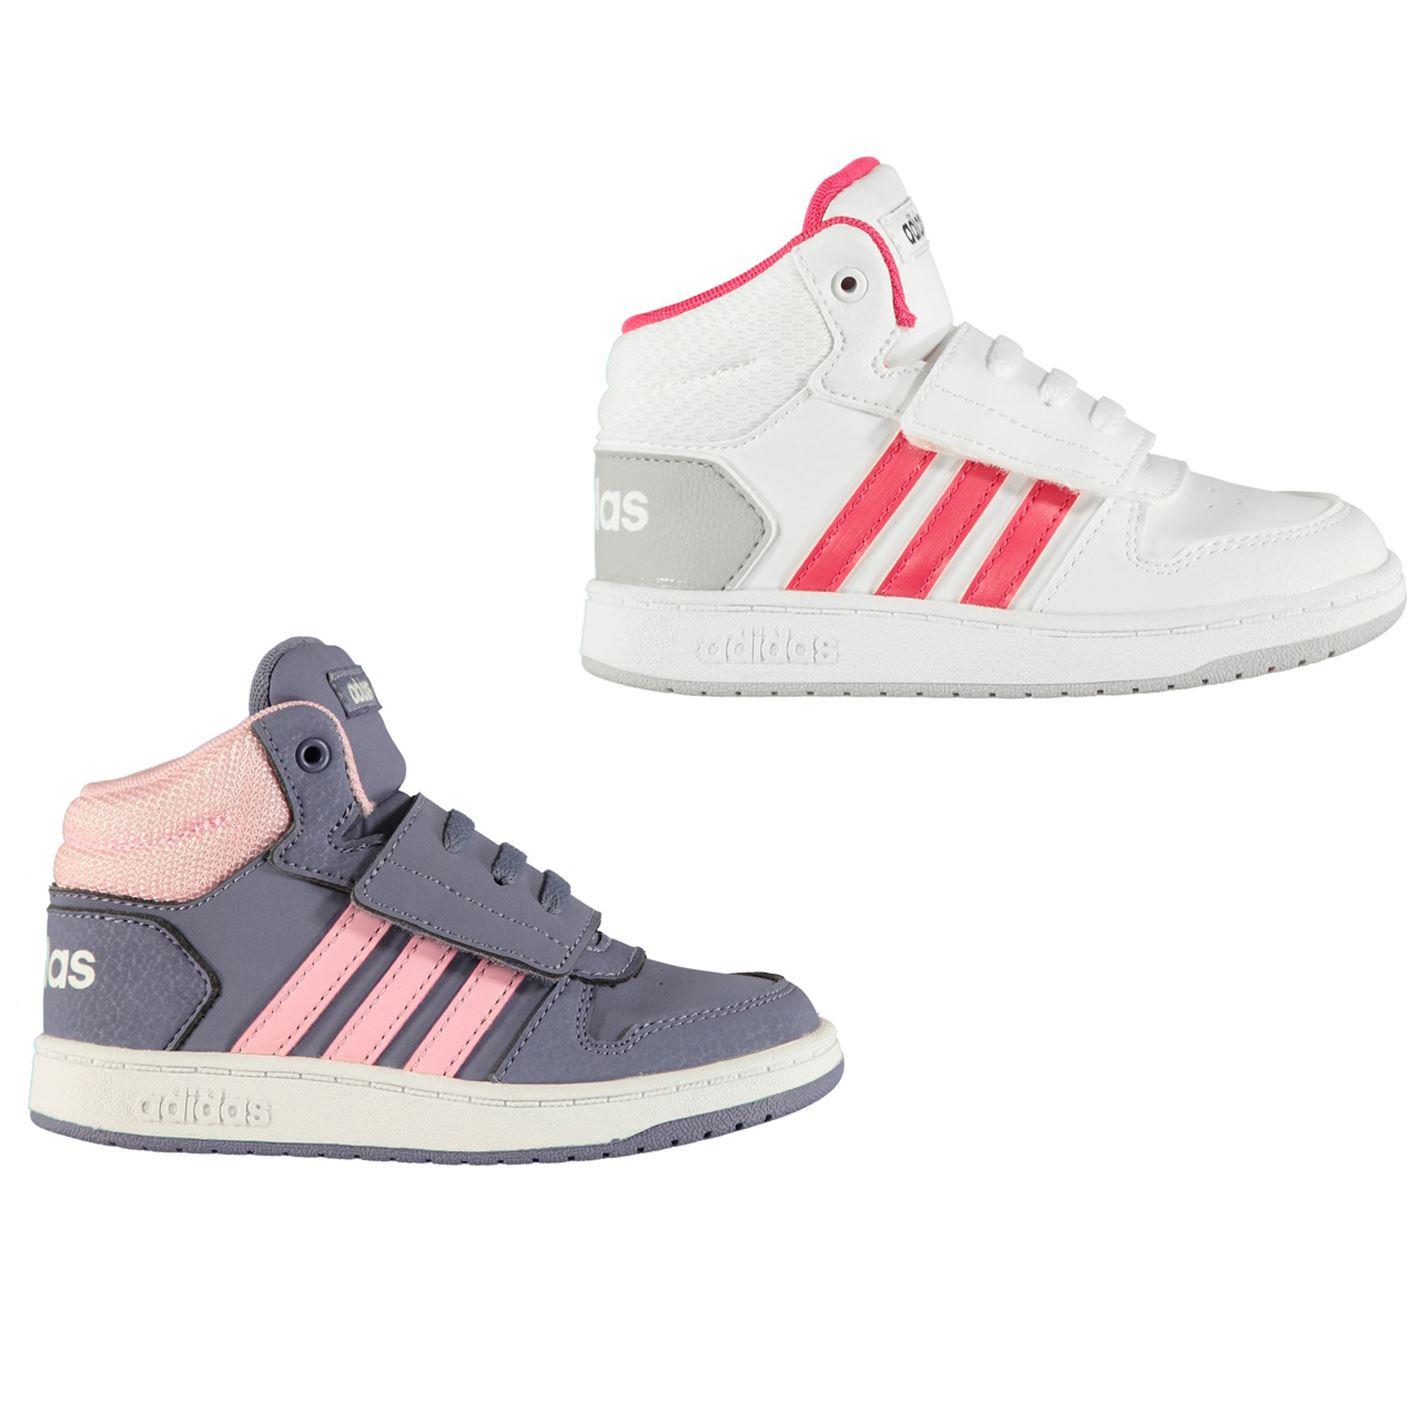 Dettagli su Adidas Stile Basket Medio da Ginnastica Bambini Ragazze Scarpe Sportive